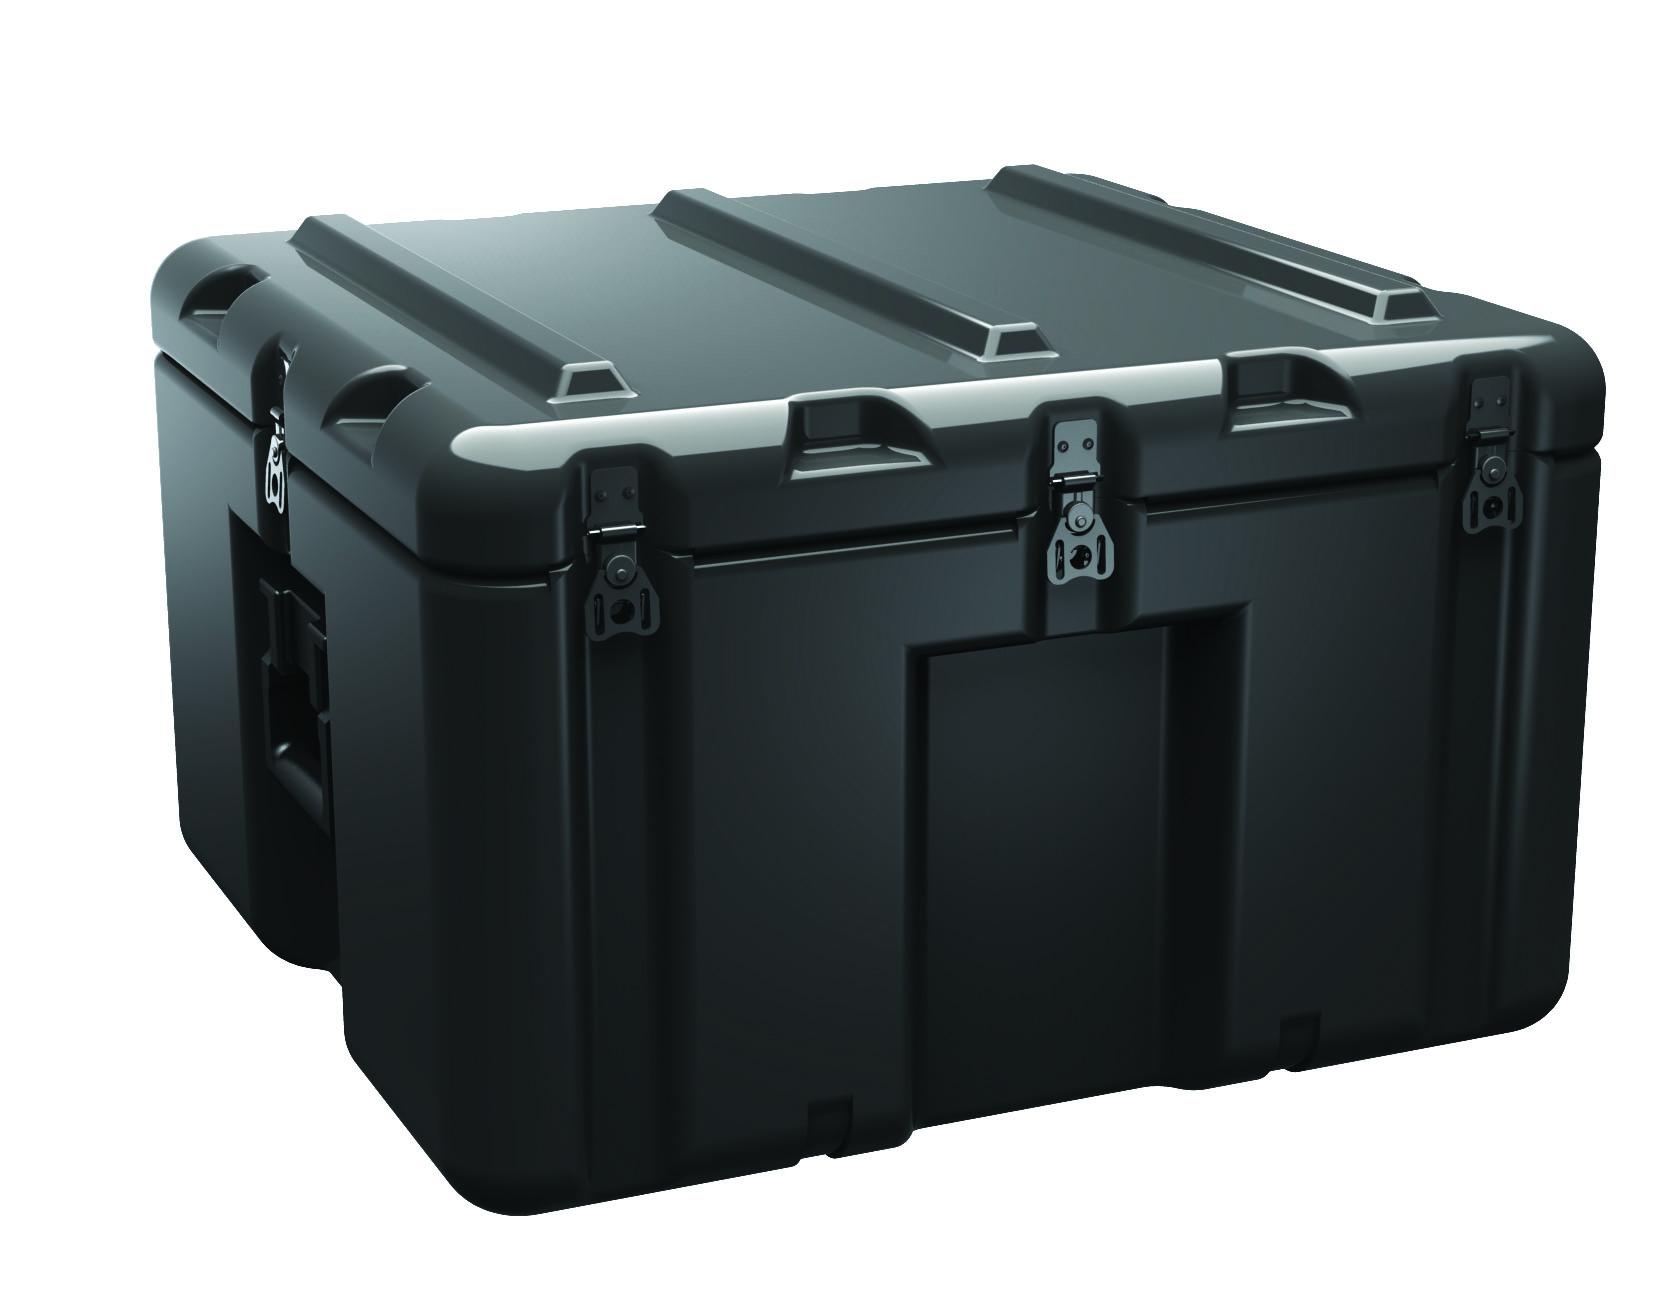 AL2221-1202 - AL2221-1202 Pelican Cases hard equipment case